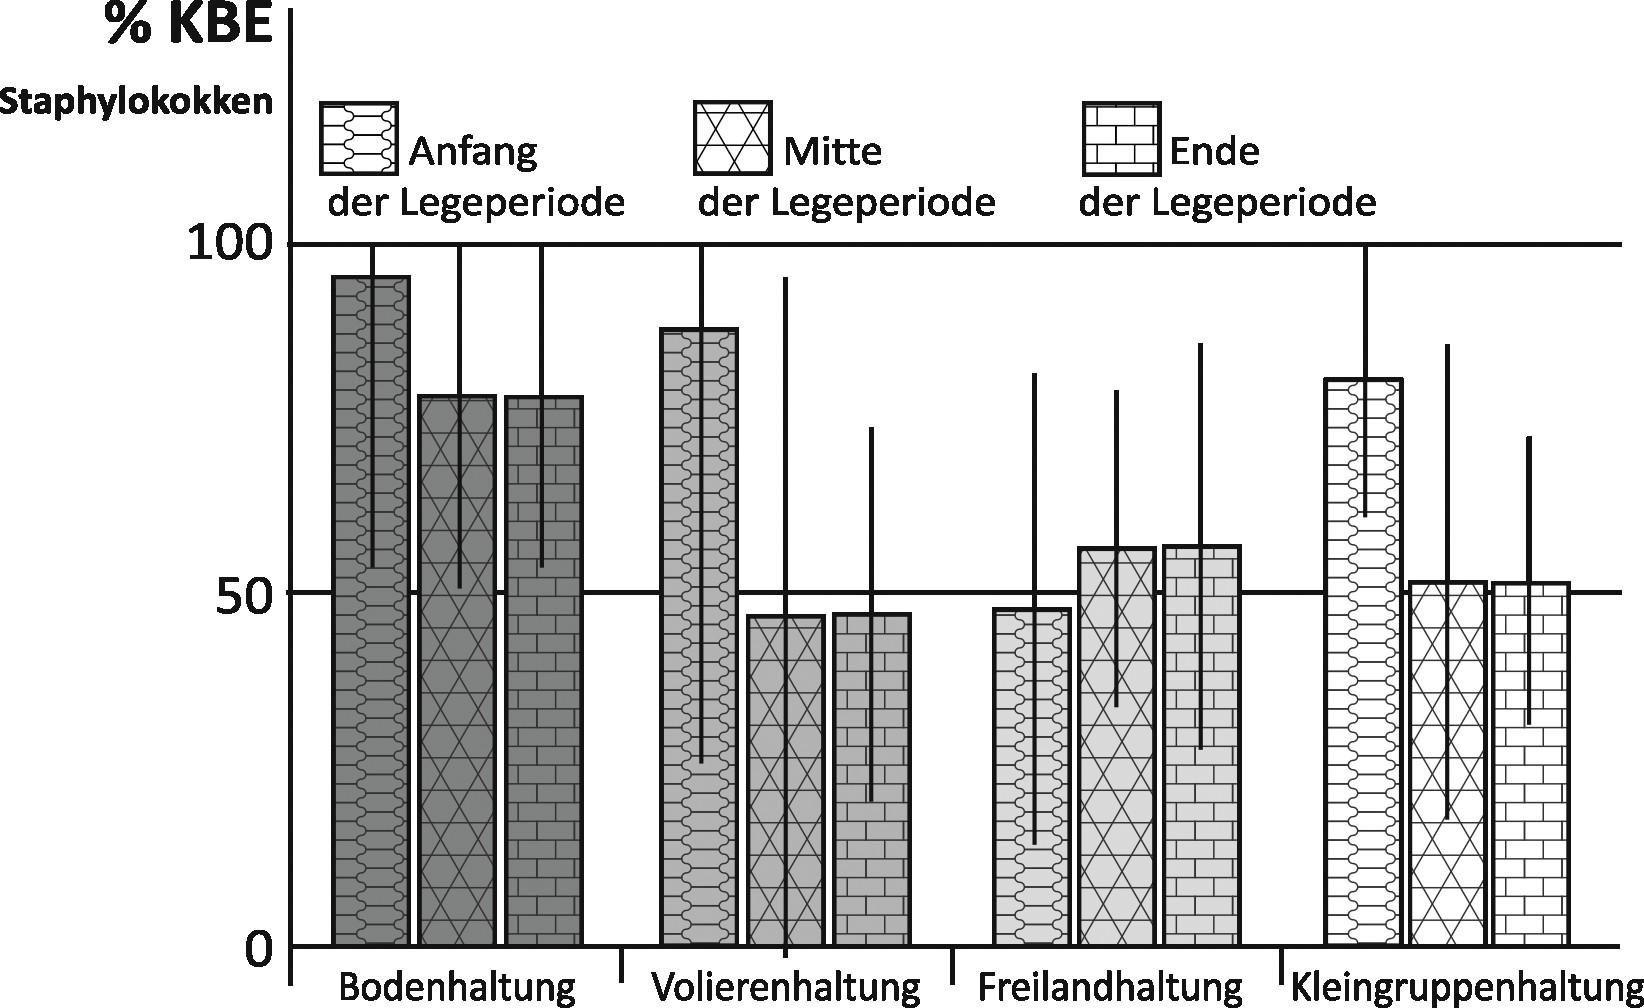 Bild 3. Arithmetisches Mittel mit Standardabweichung der prozentualen Anteile von Staphylokokken an den gefundenen Konzentrationen luftgetragener Gesamtbakterien in den vier Haltungsfomen zu unterschiedlichen Zeitpunkten der Legeperiode (Aufstallungswoche 1 bis 21, 22 bis 42, 43 bis 64). Quelle: IFA